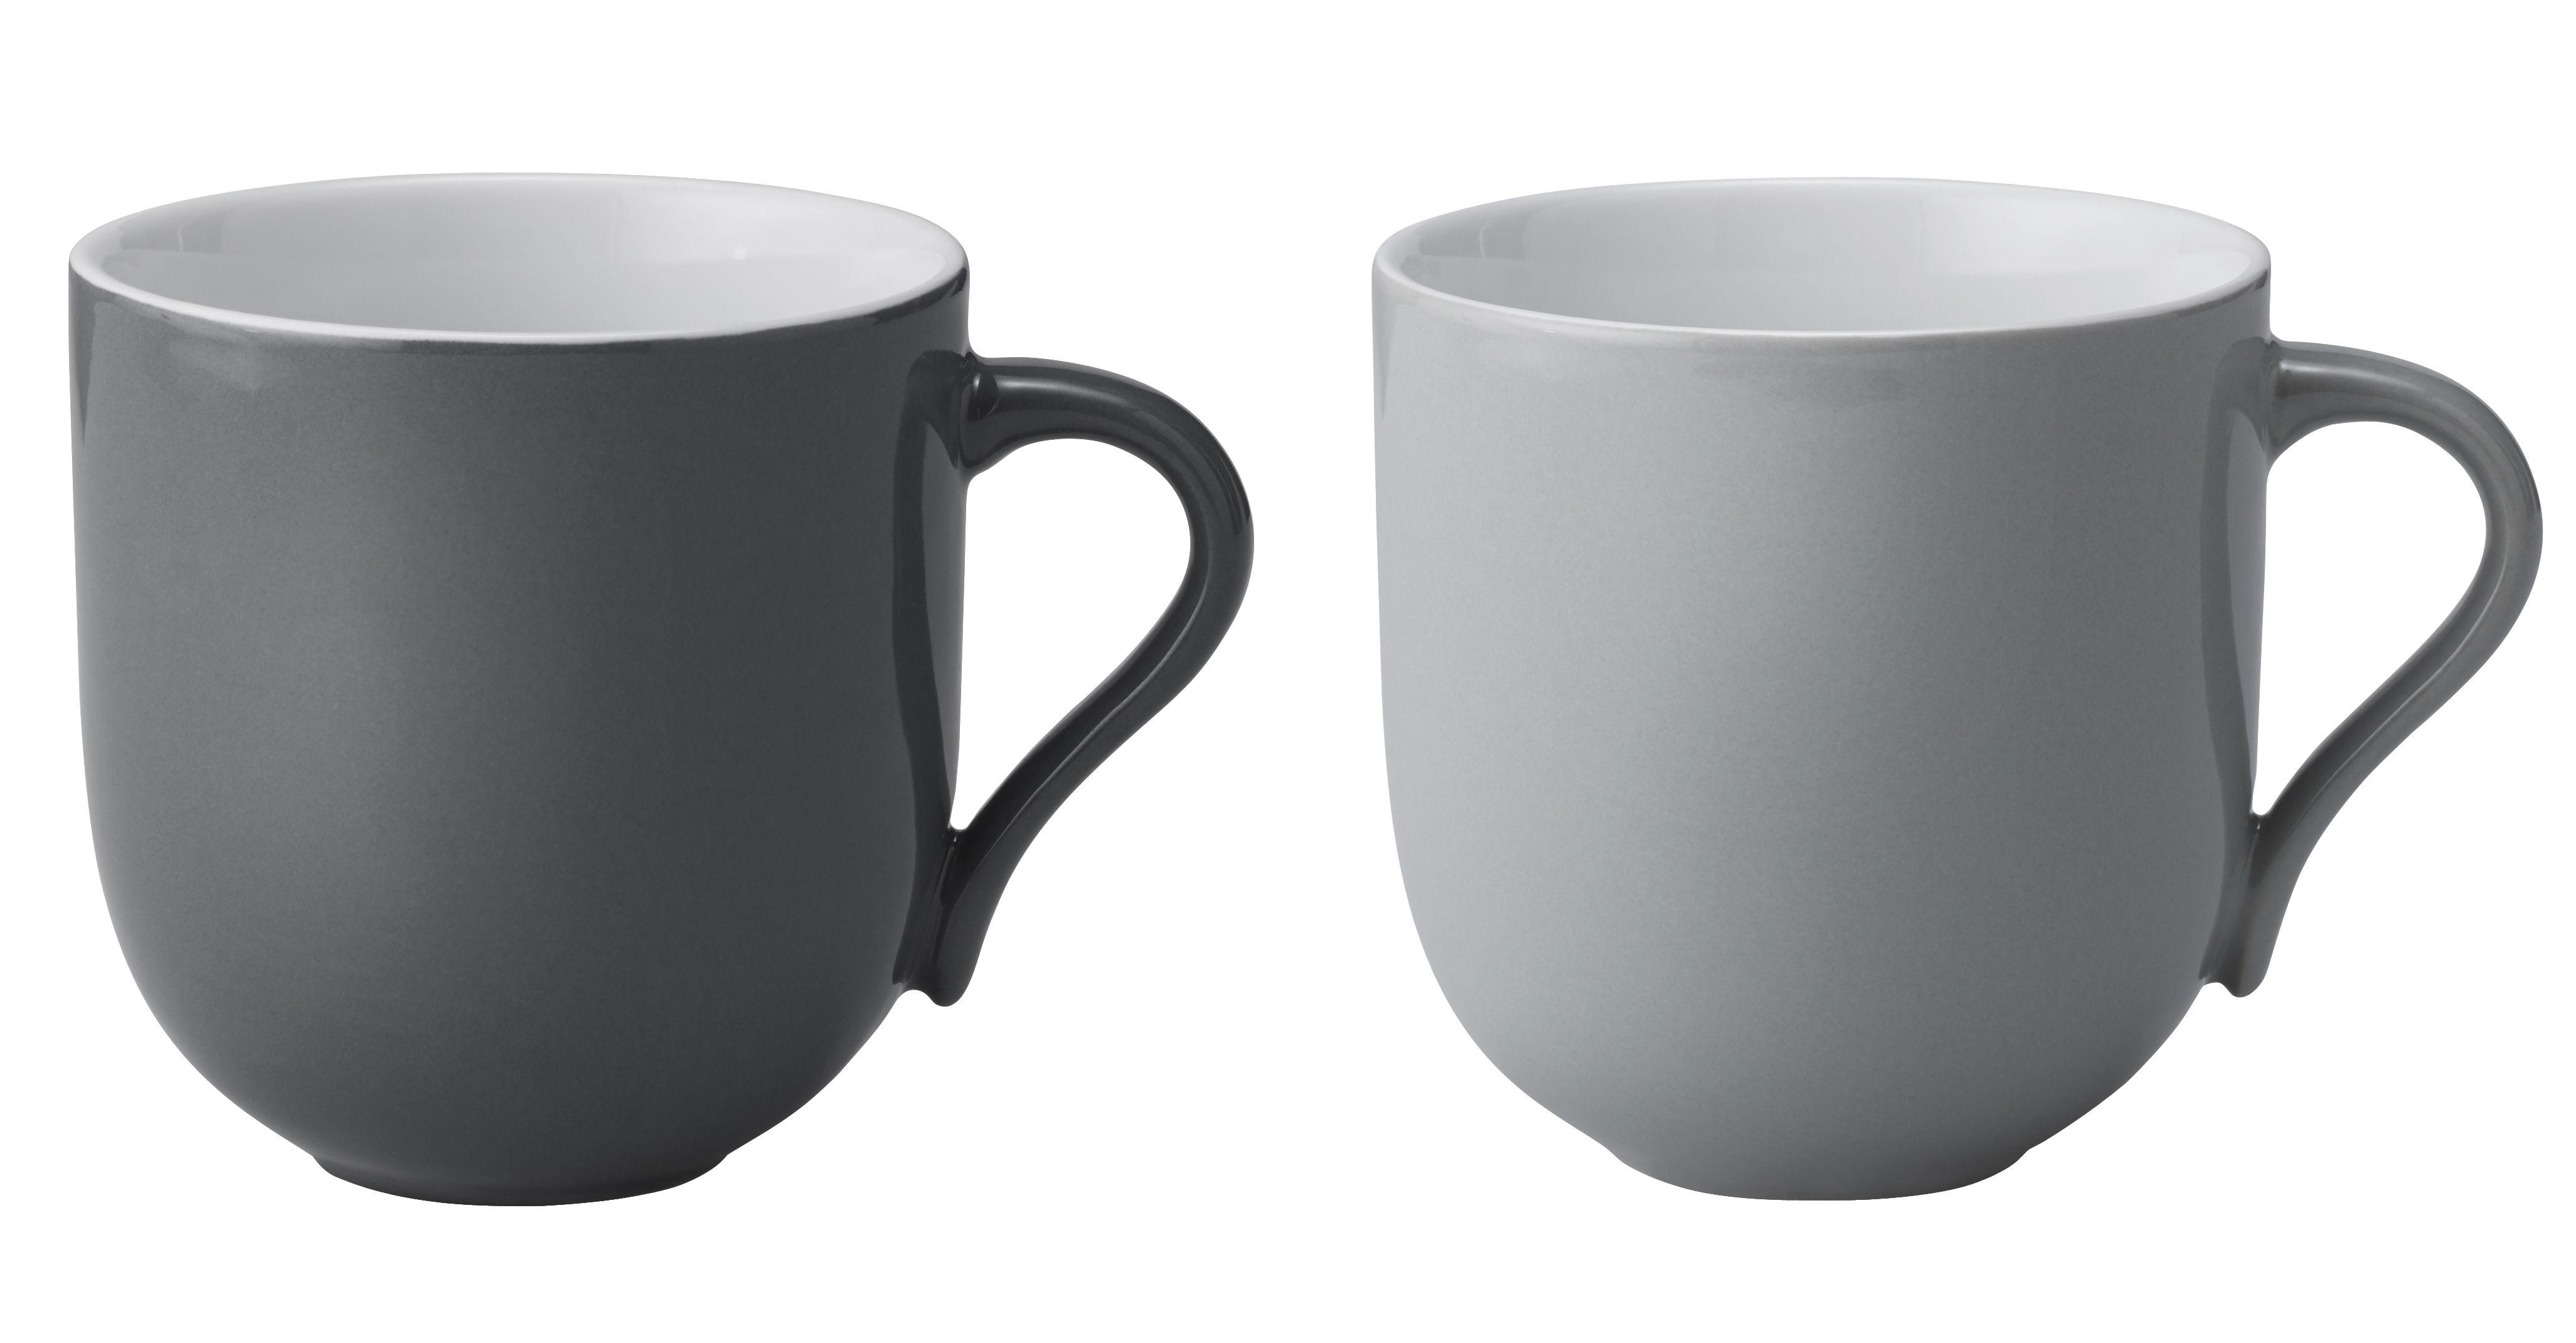 Arts de la table - Tasses et mugs - Mug Emma / Lot de 2 - 380 ml - Stelton - Gris clair & Gris foncé - Céramique émaillée